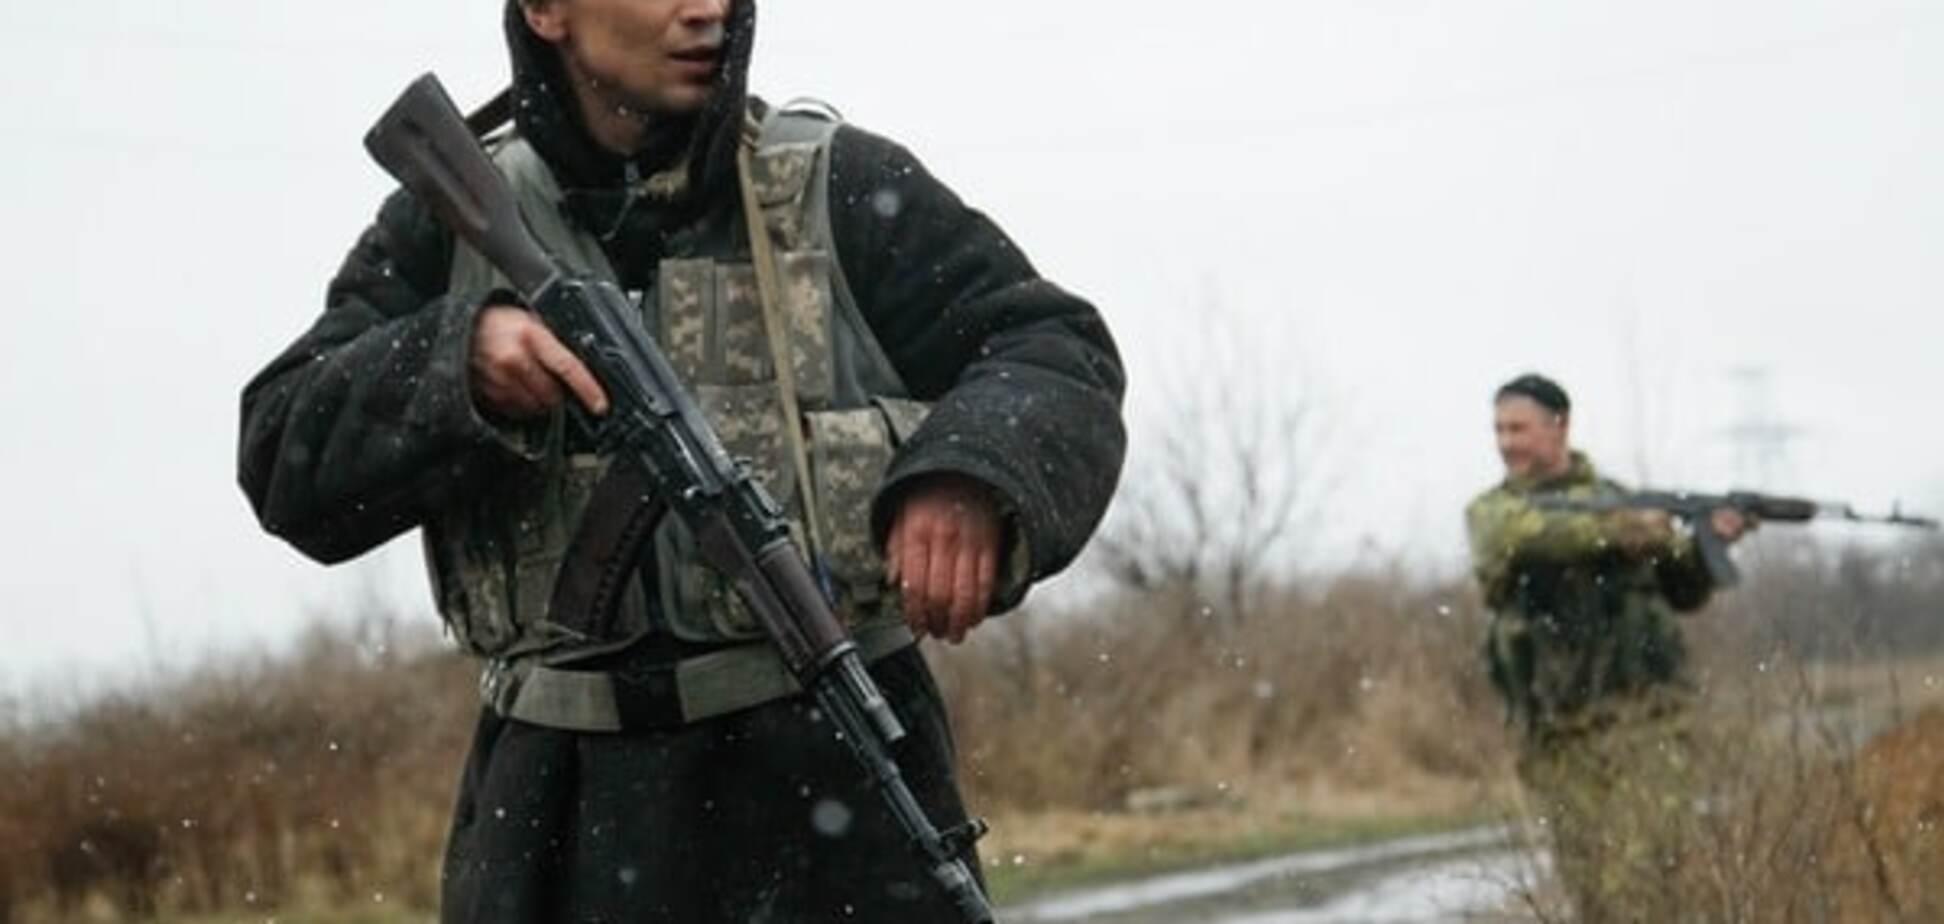 Штаб АТО: ожидаем увеличения обстрелов со стороны террористов на Донбассе